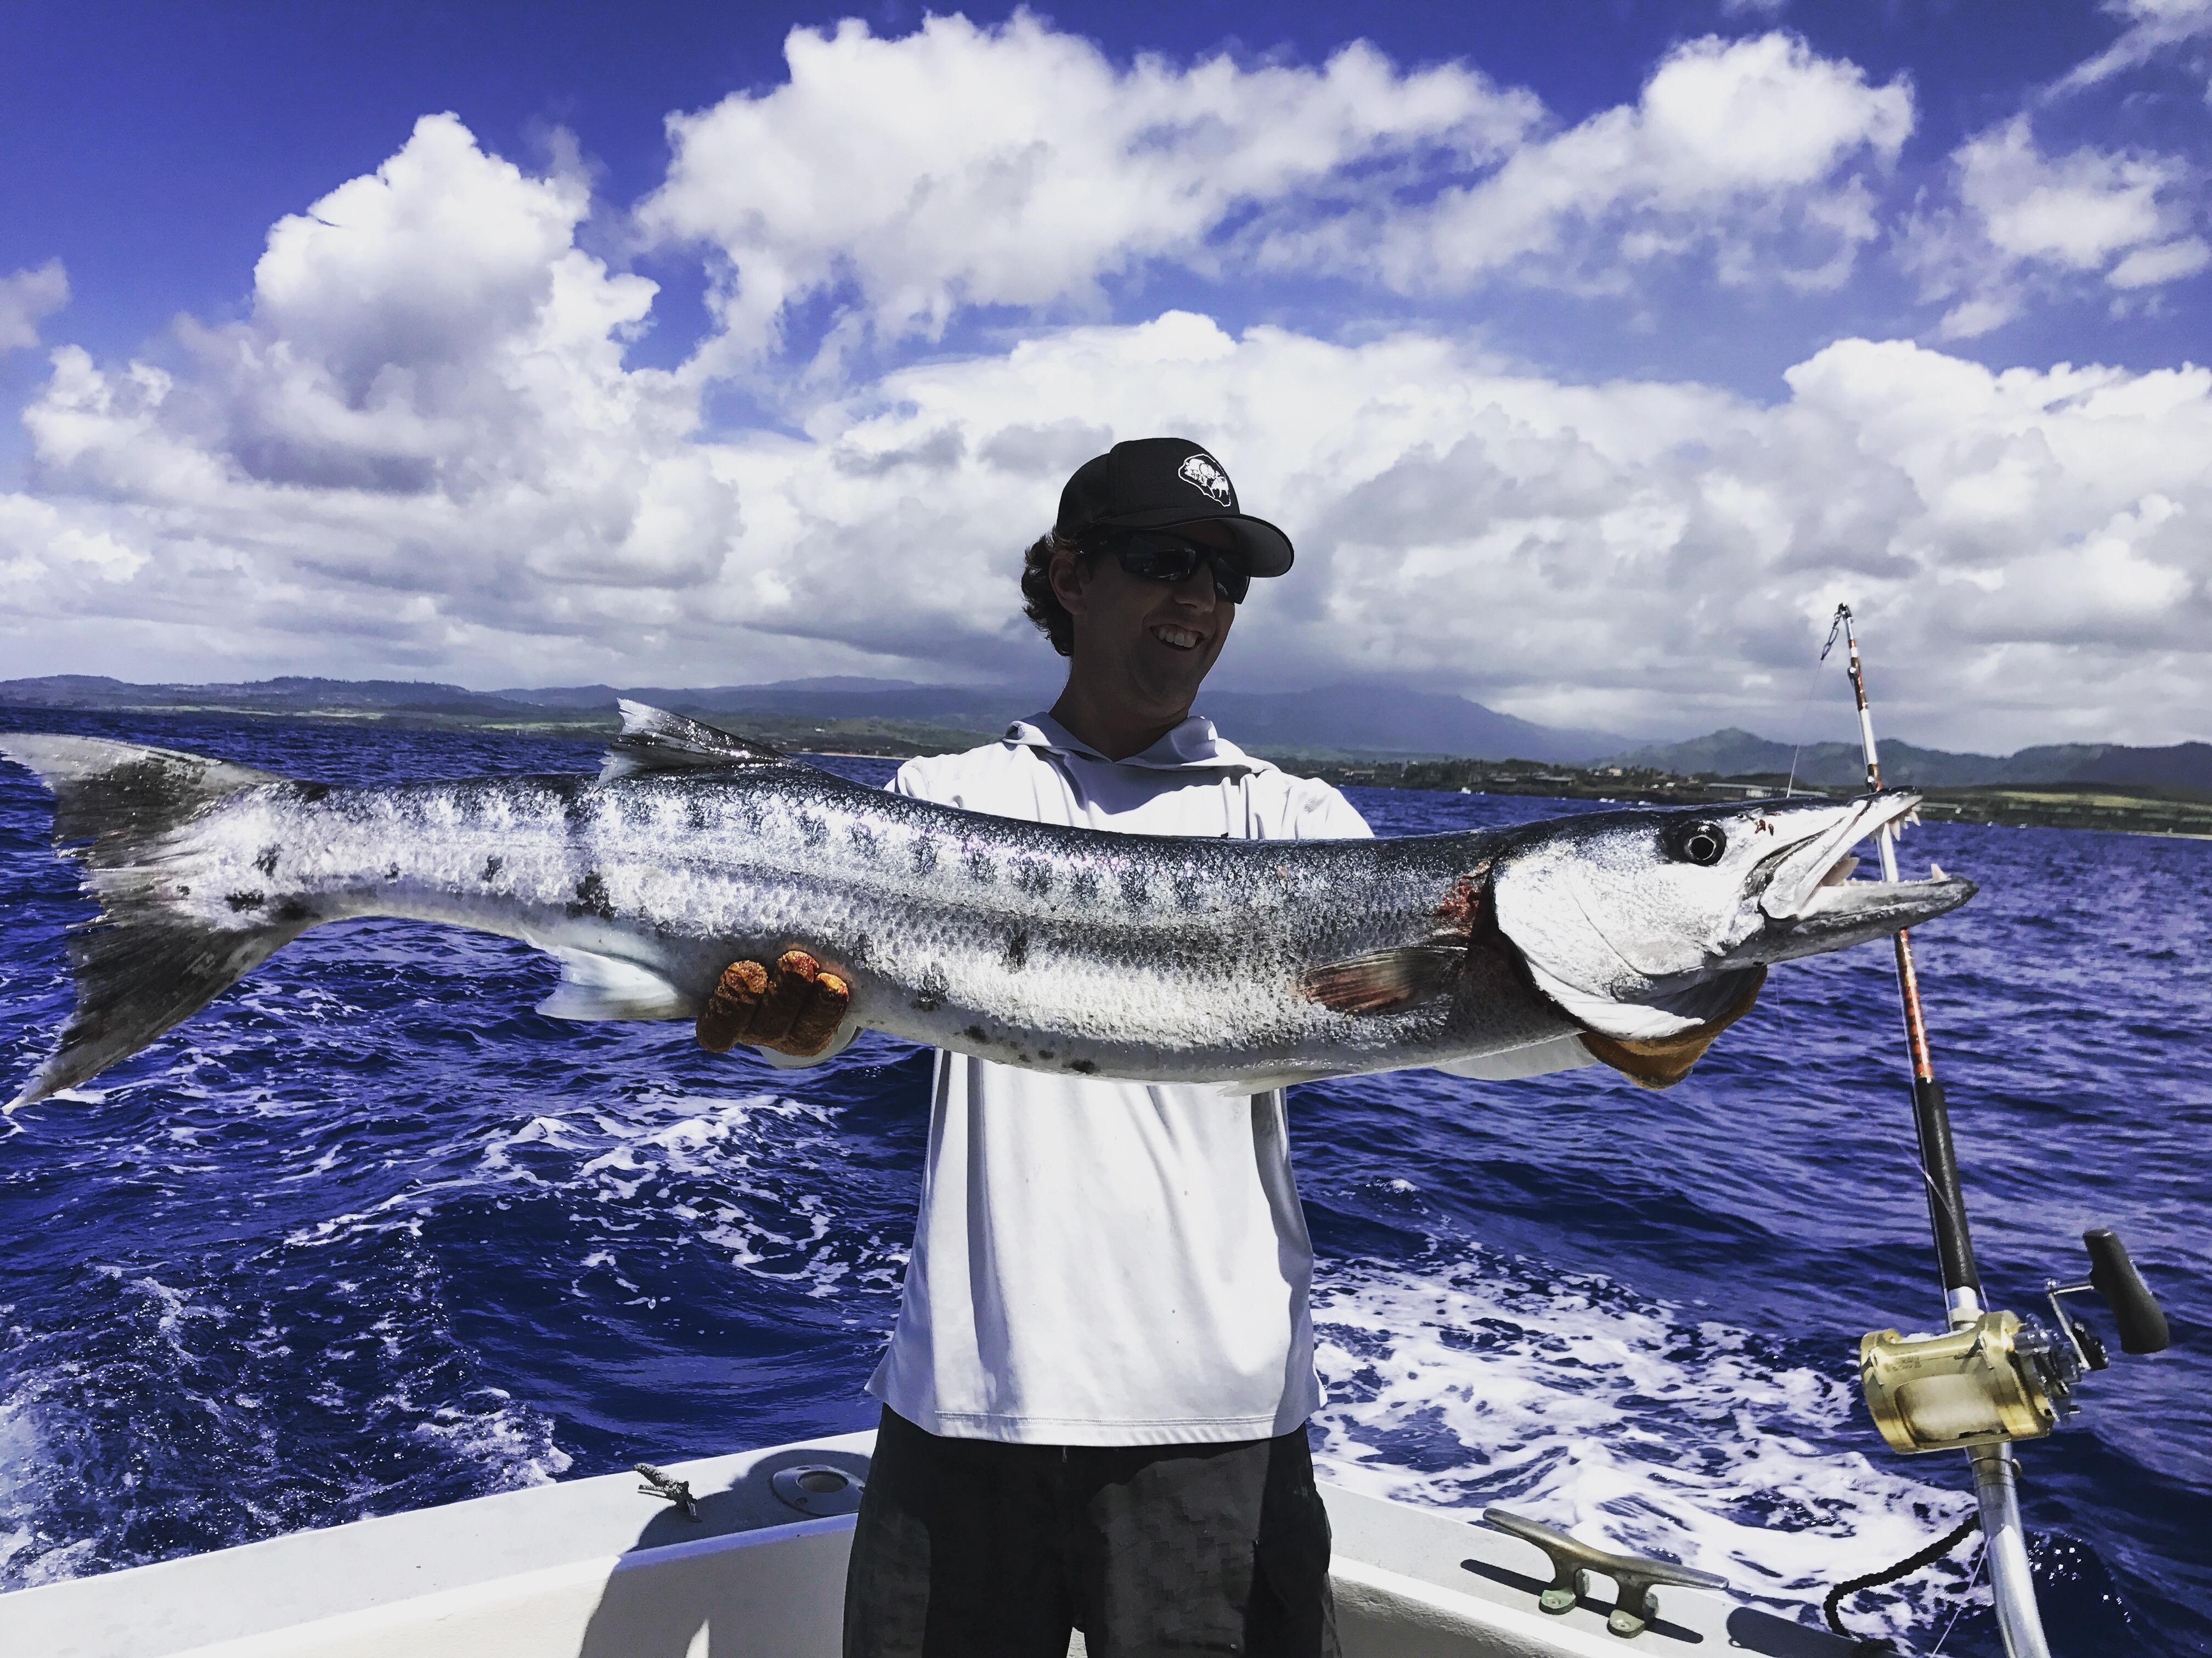 Kauai sportfishing charter boat deep sea fishing for Fishing in kauai